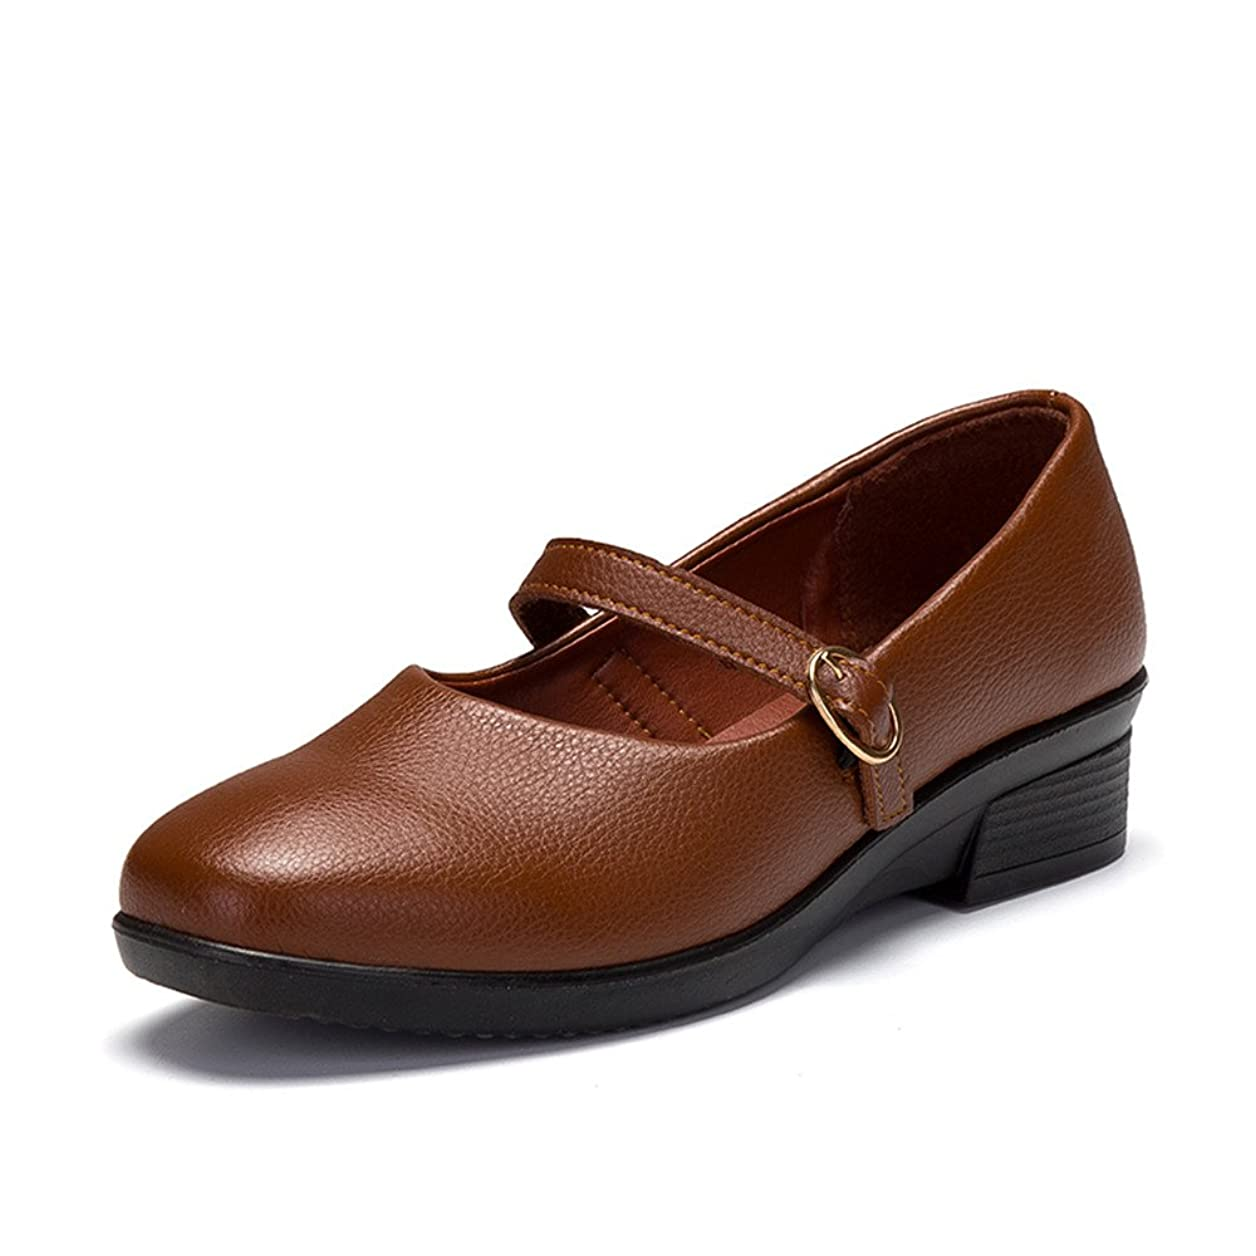 安らぎ美人憧れ[shoesway] パンプス ストラップ ラウンドトゥ バレエシューズ ぺたんこ レディース カジュアル 軽量 通勤 女性 靴 レザー ヒール 歩きやすい やわらかい